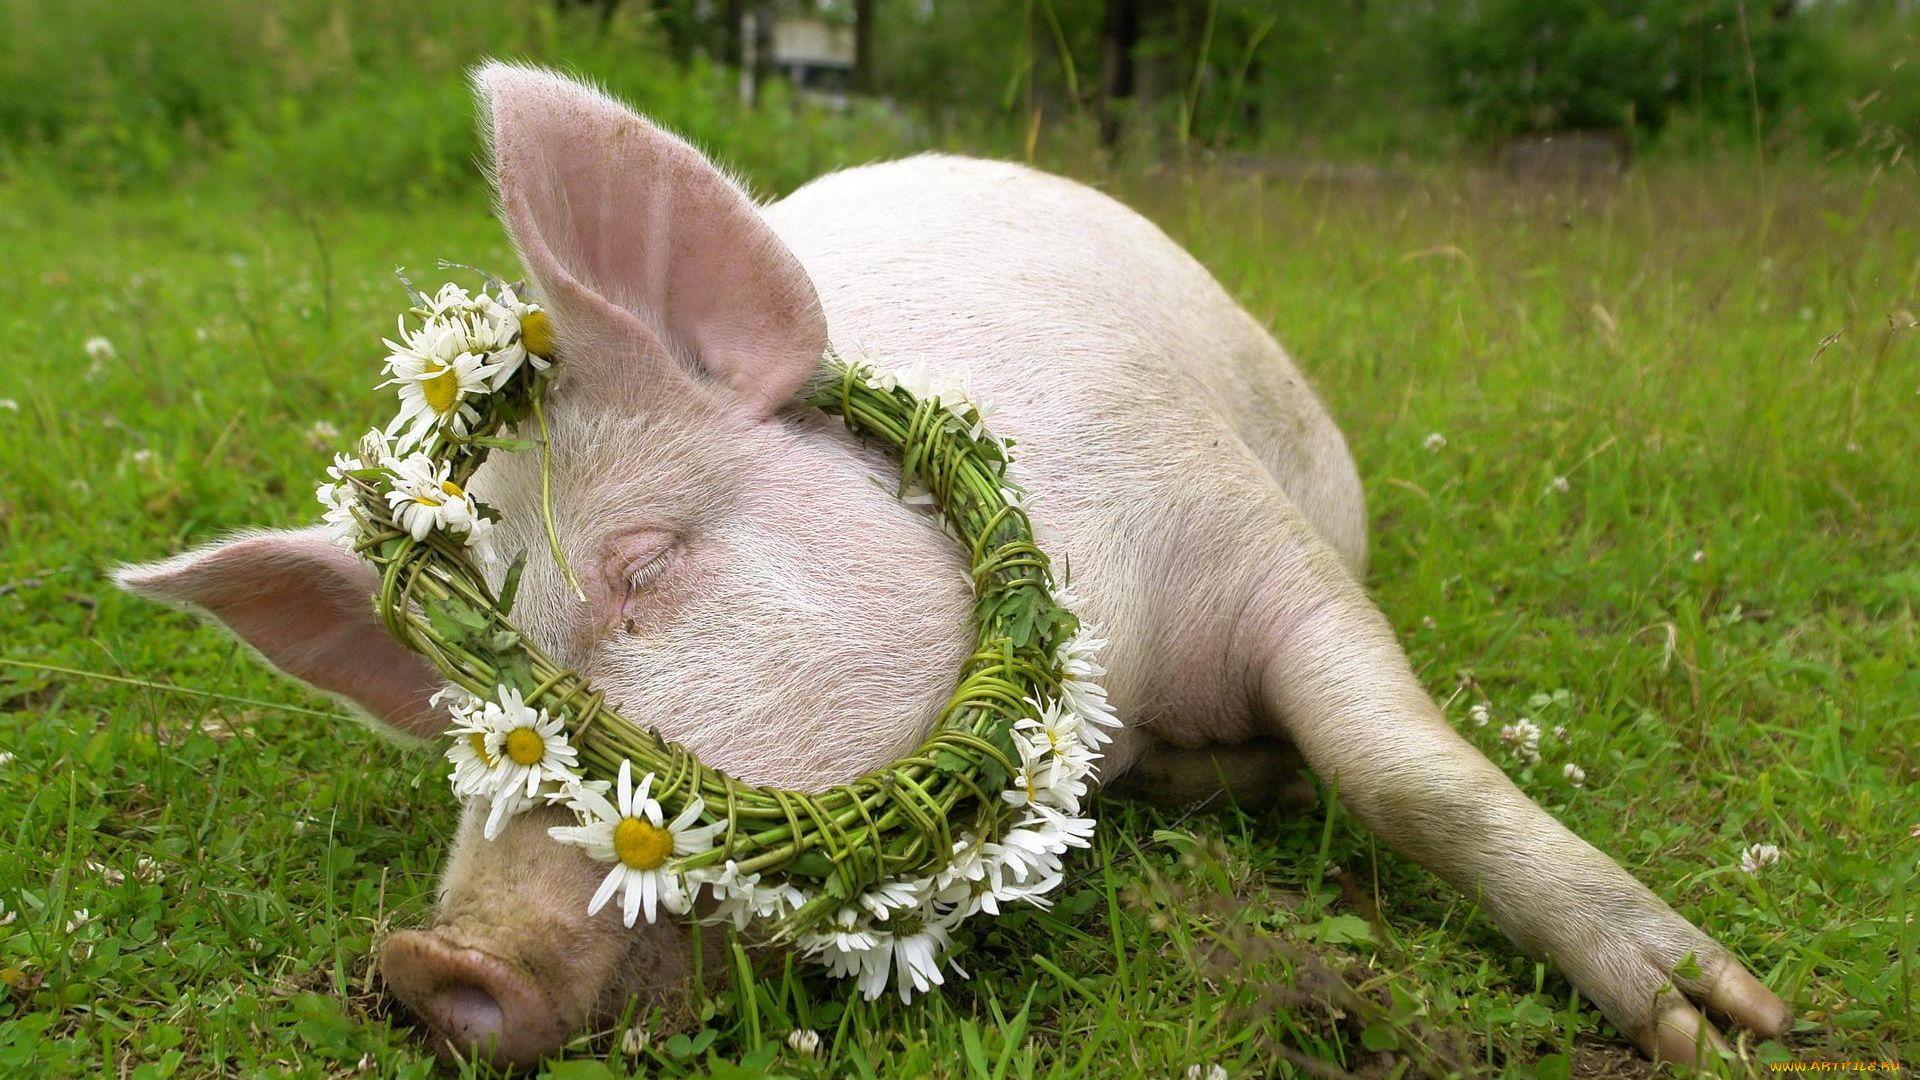 Pig In Flowers